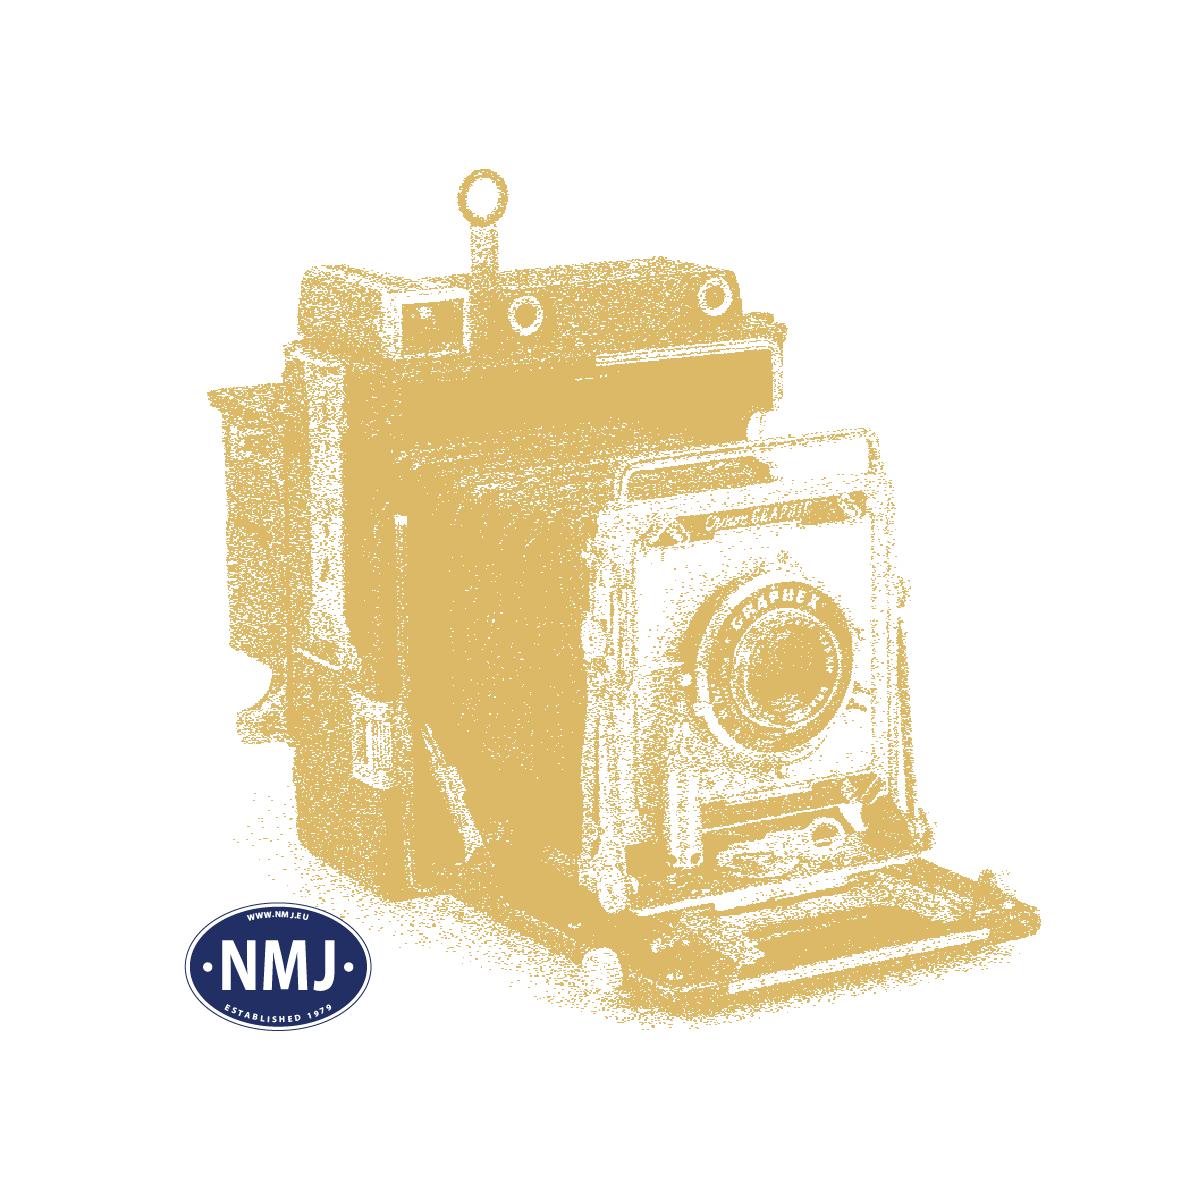 NMJT90401 - NMJ Topline SNCB 202020, DC